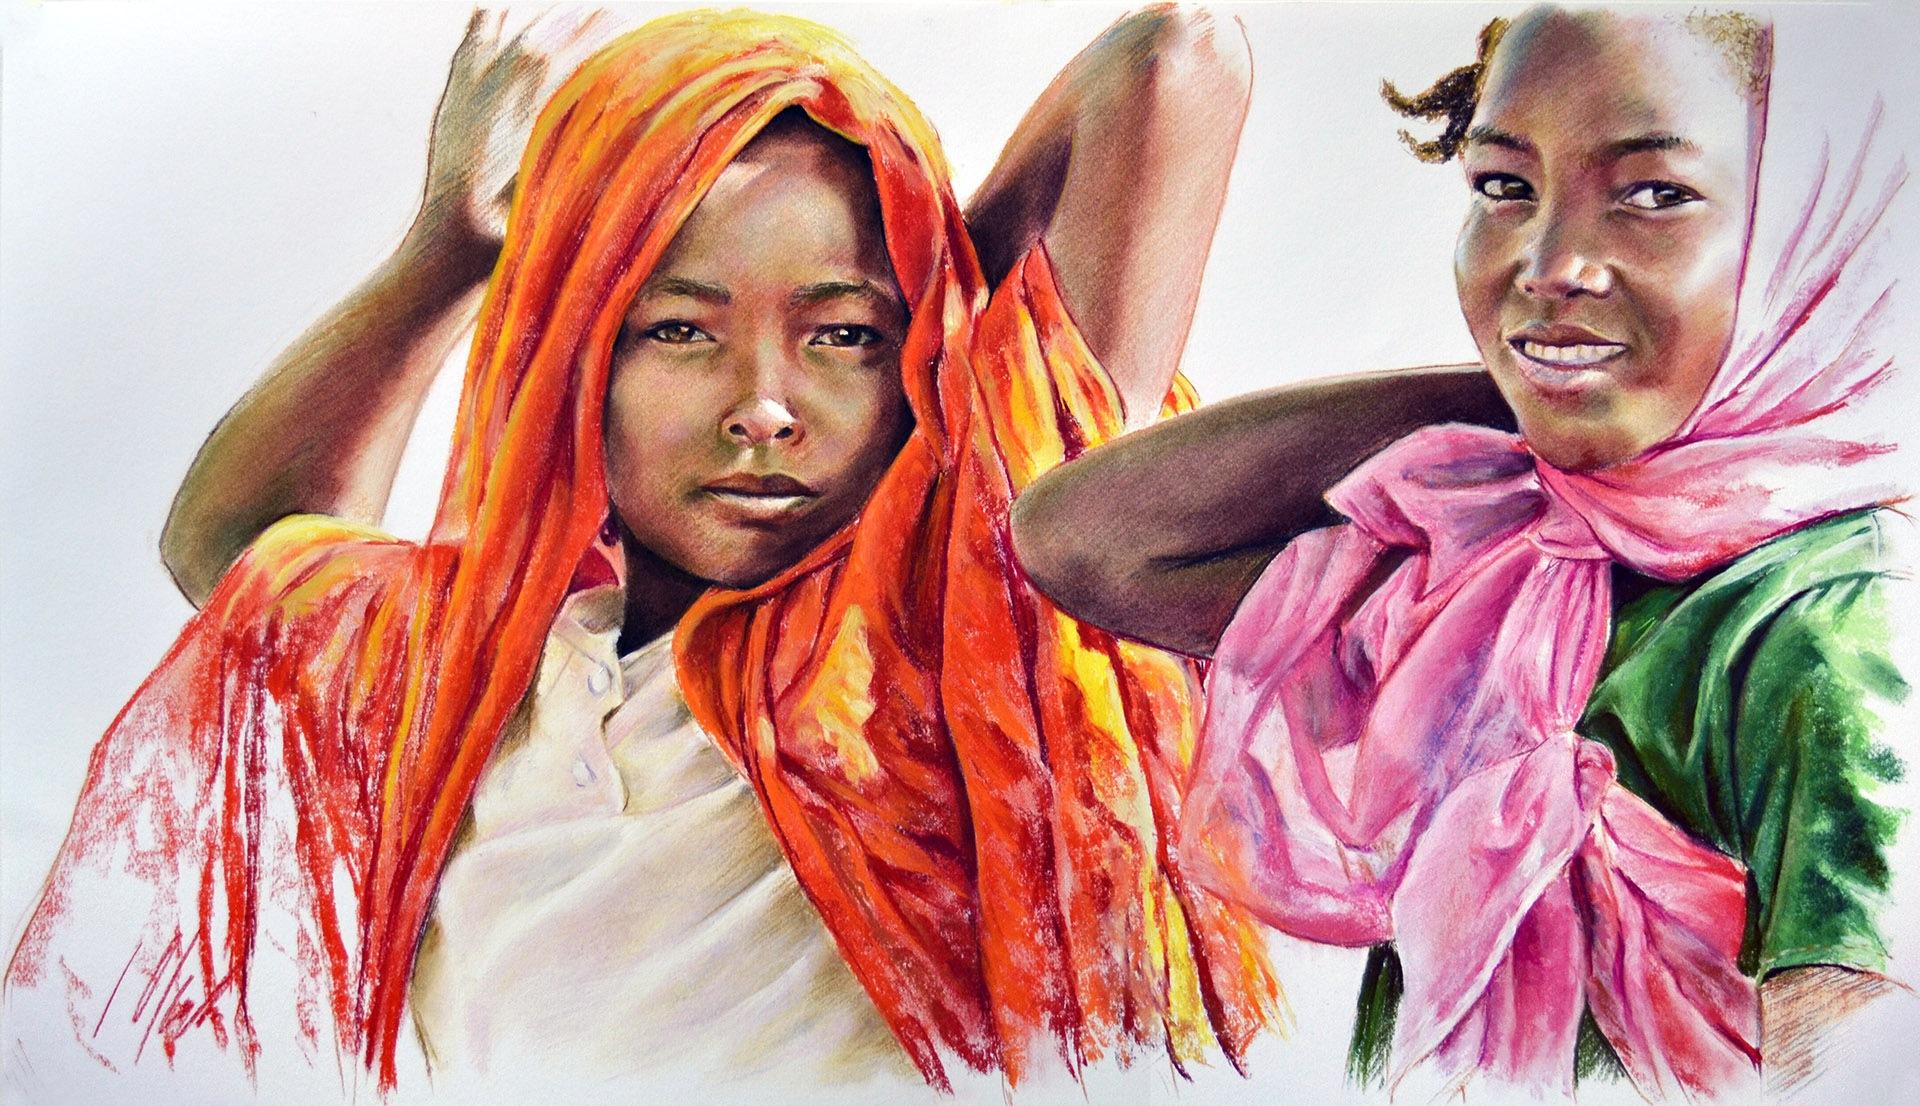 A partir de fotografía de Amnistía Internacional. Pastel, 70 x 40cm. Javier Olmedo, año 2016